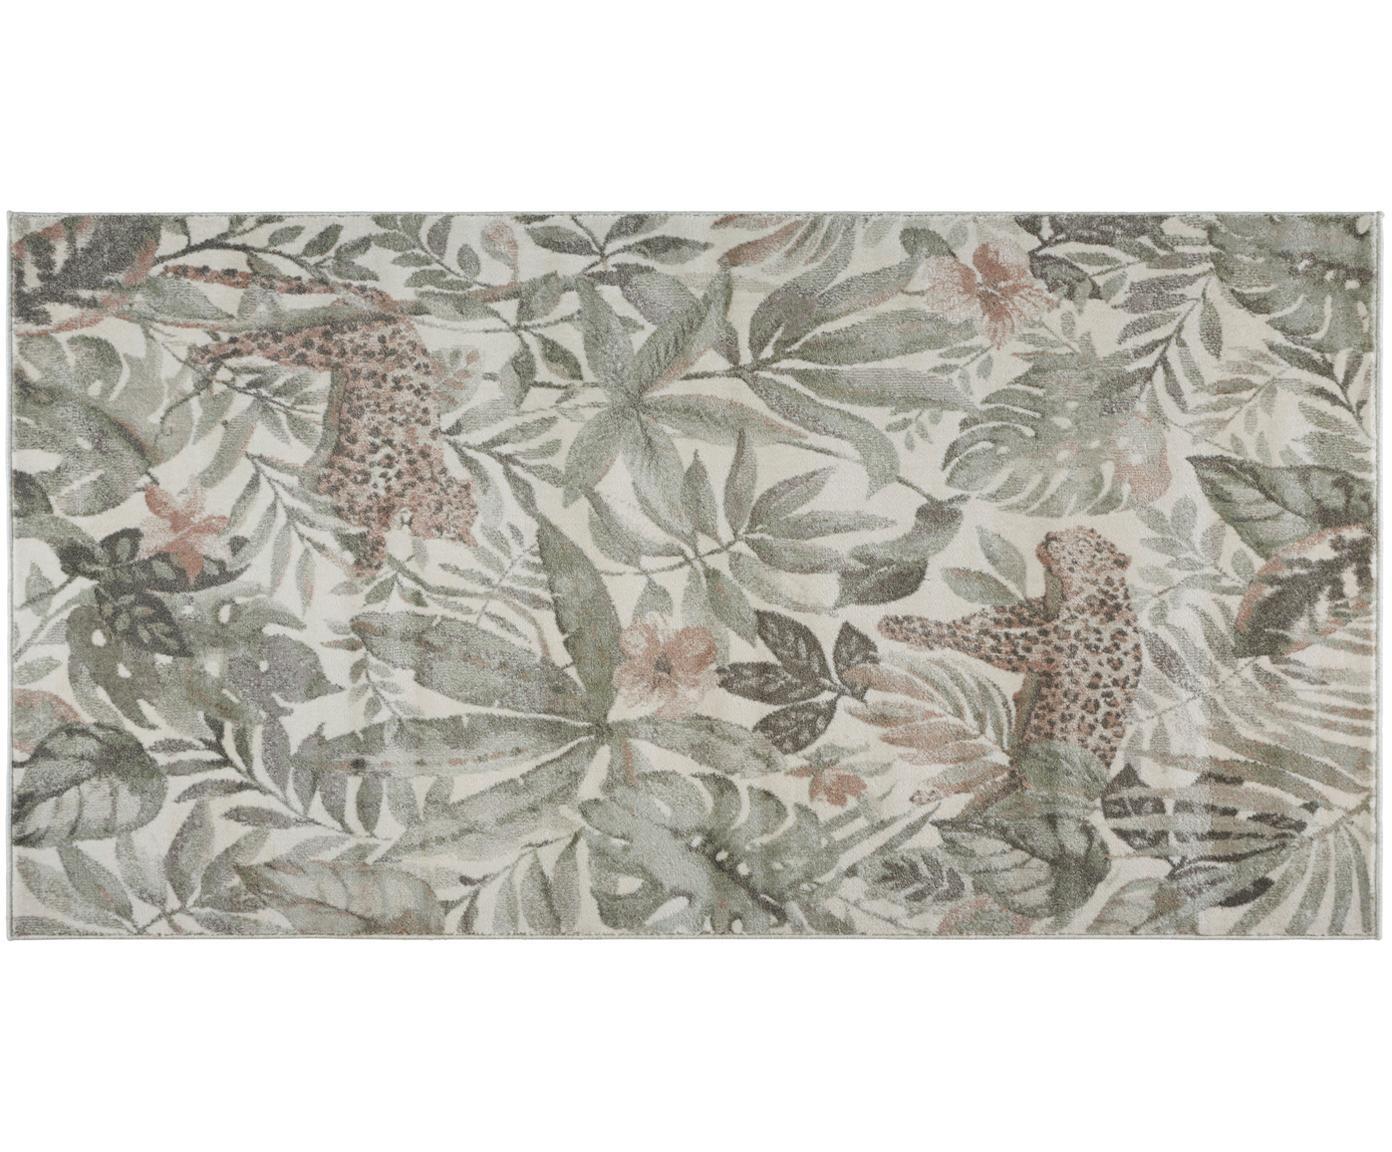 Teppich Sambre mit tropischem Print, 100% Polypropylen, Grün, Kupferbraun, Beige, B 80 x L 150 cm (Grösse XS)